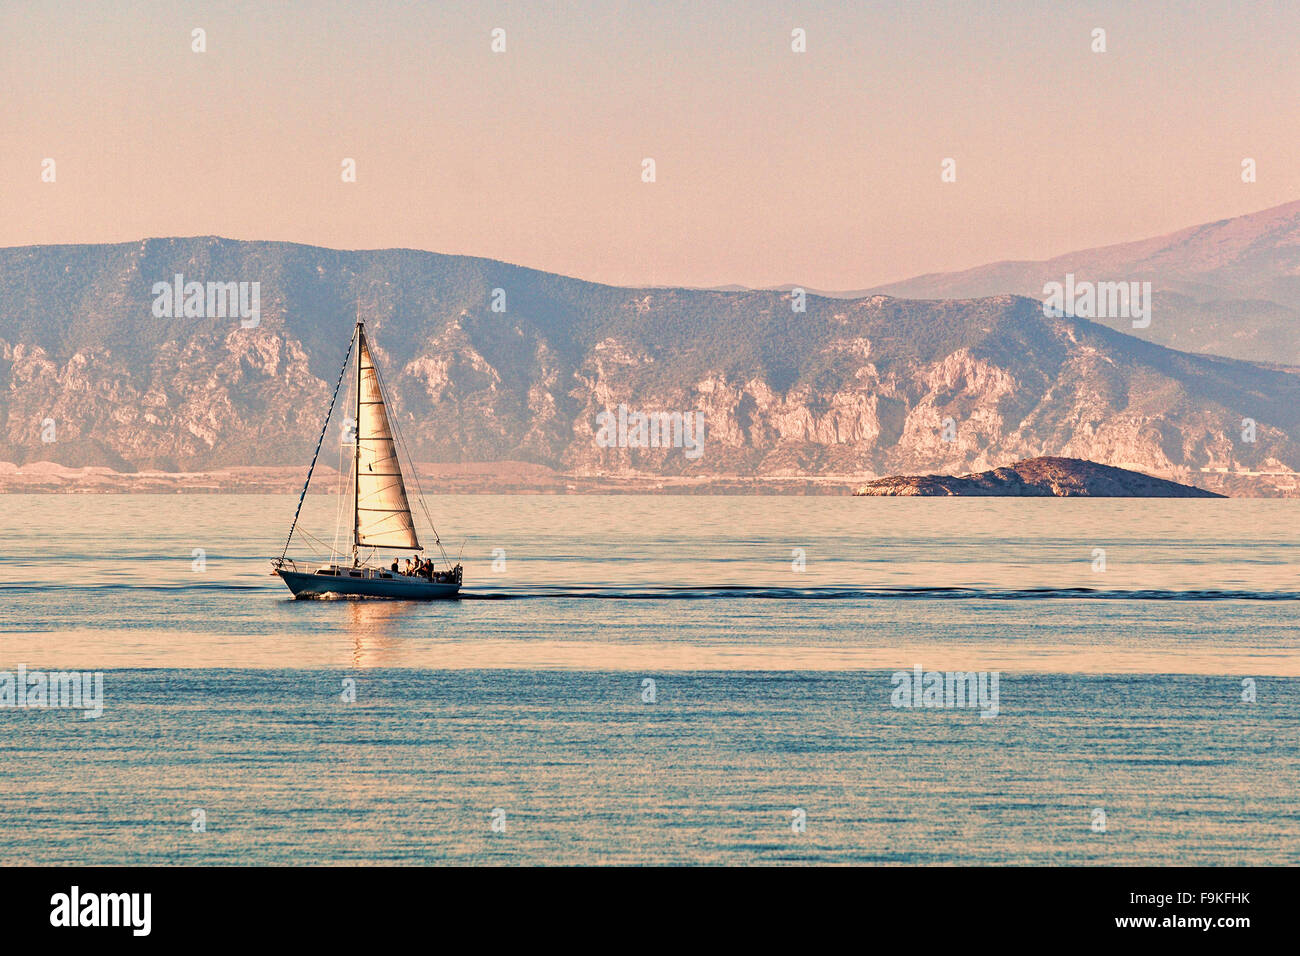 Una imbarcazione a vela in Agistri Island, Grecia Immagini Stock